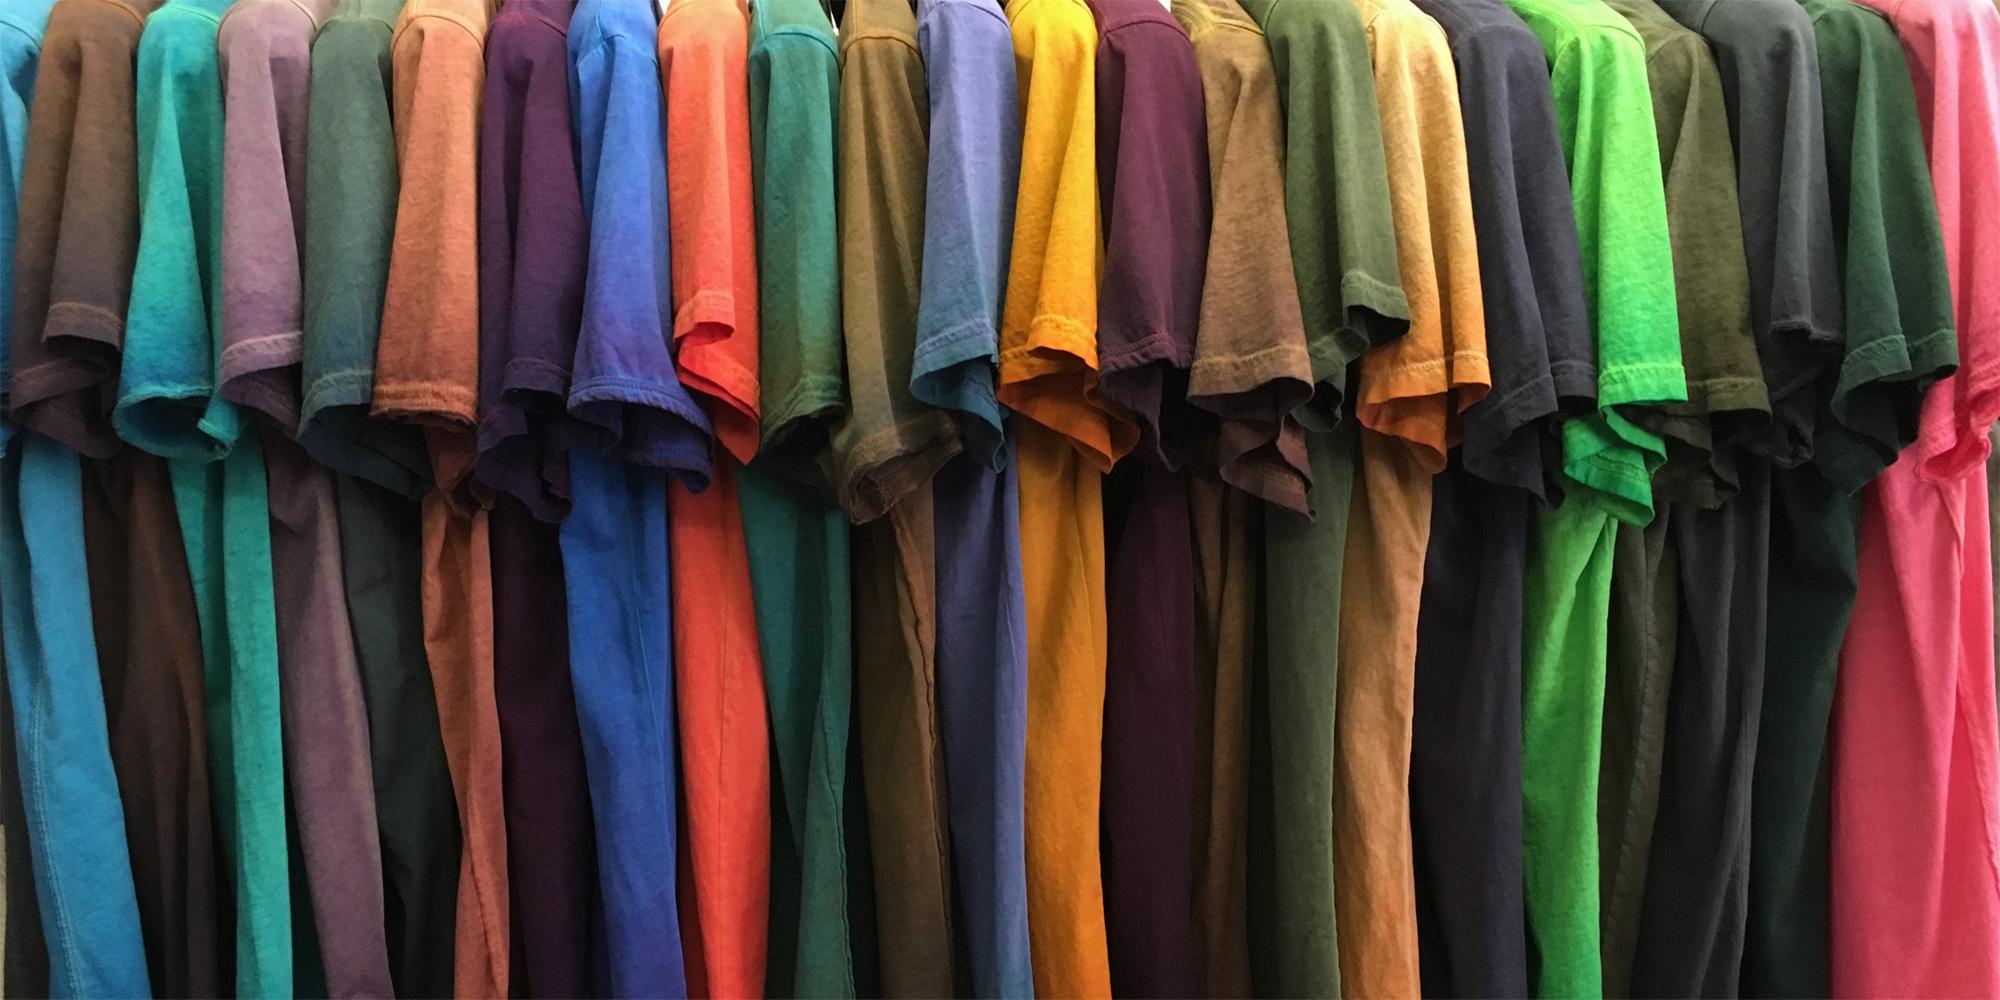 Over 100 unique colors